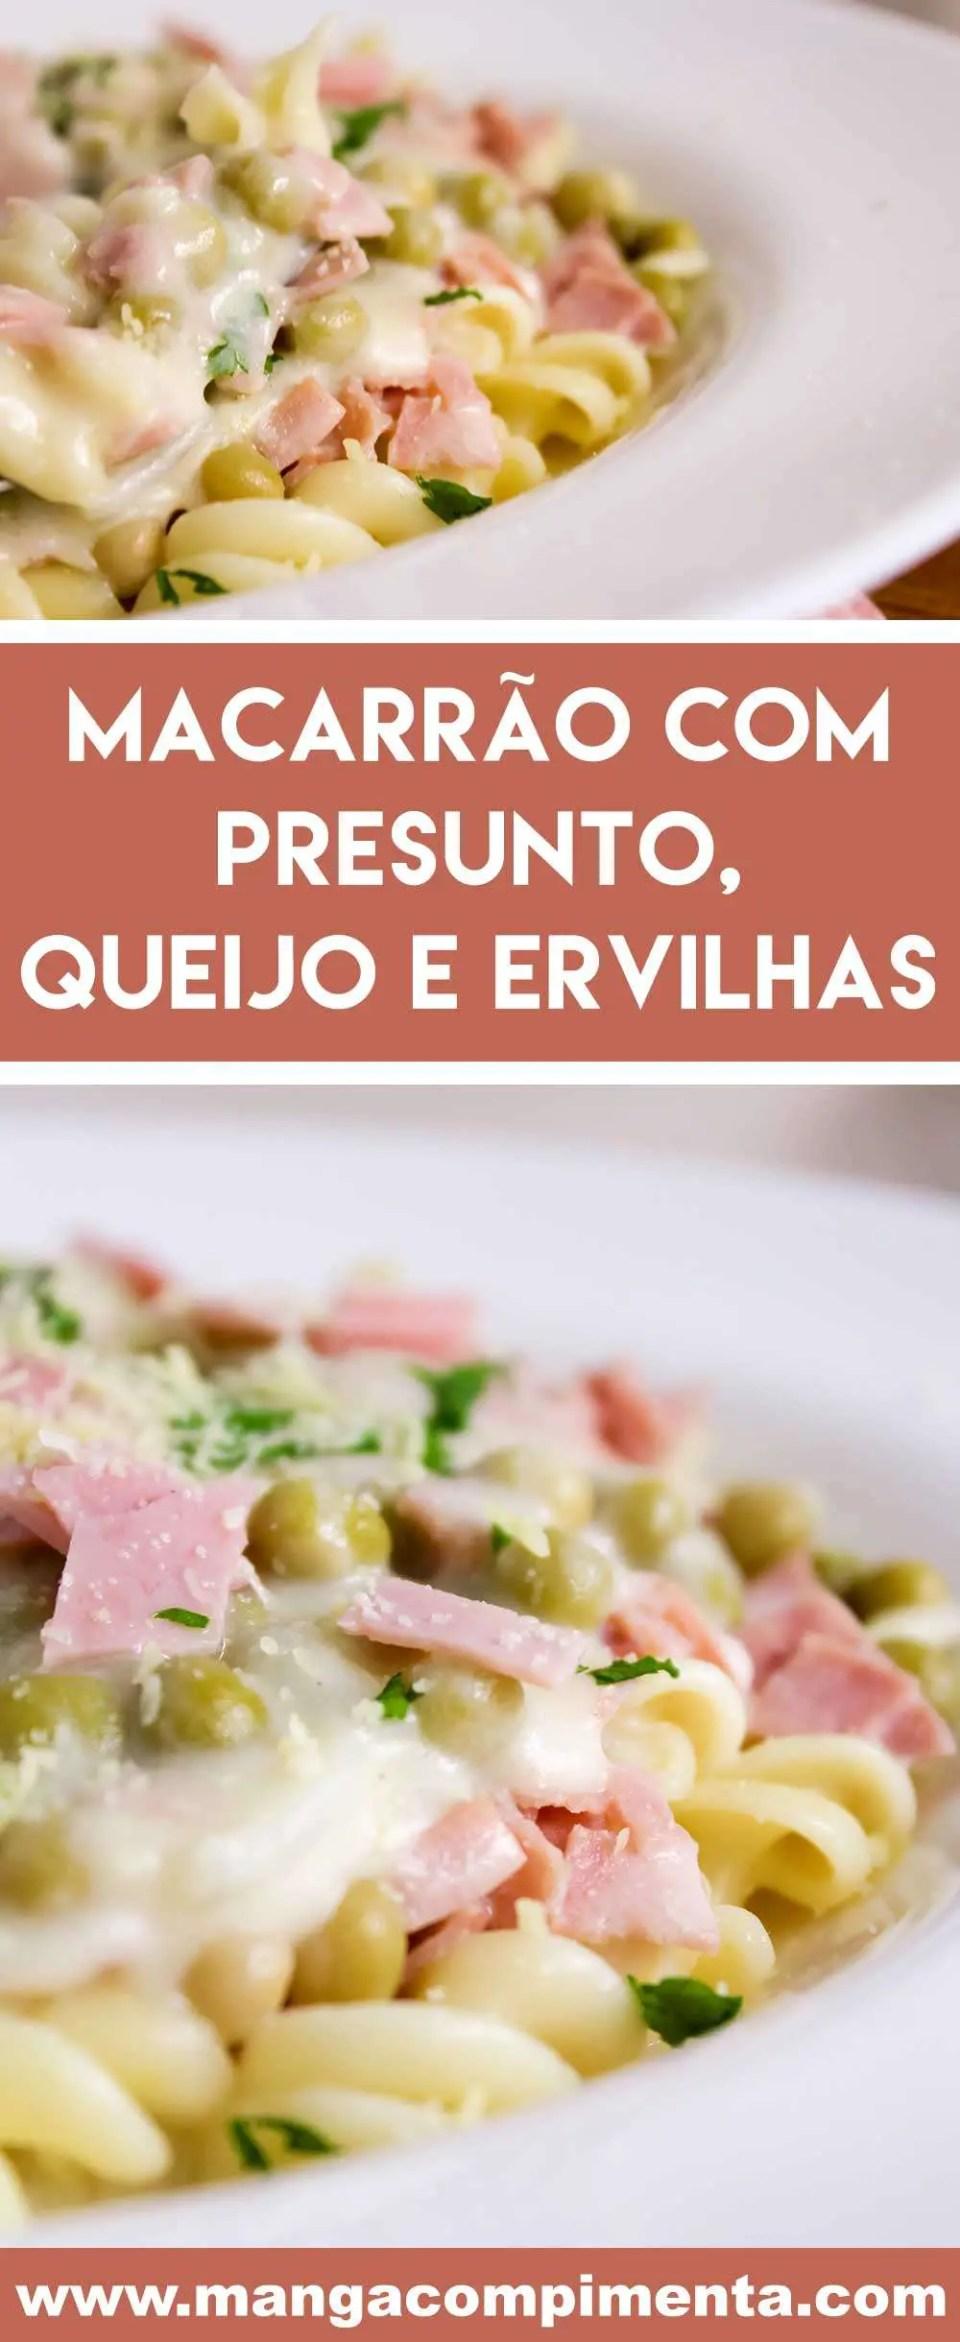 Receita de Macarrão com Presunto, Queijo e Ervilhas - um prato simples e delicioso para a semana com a família!